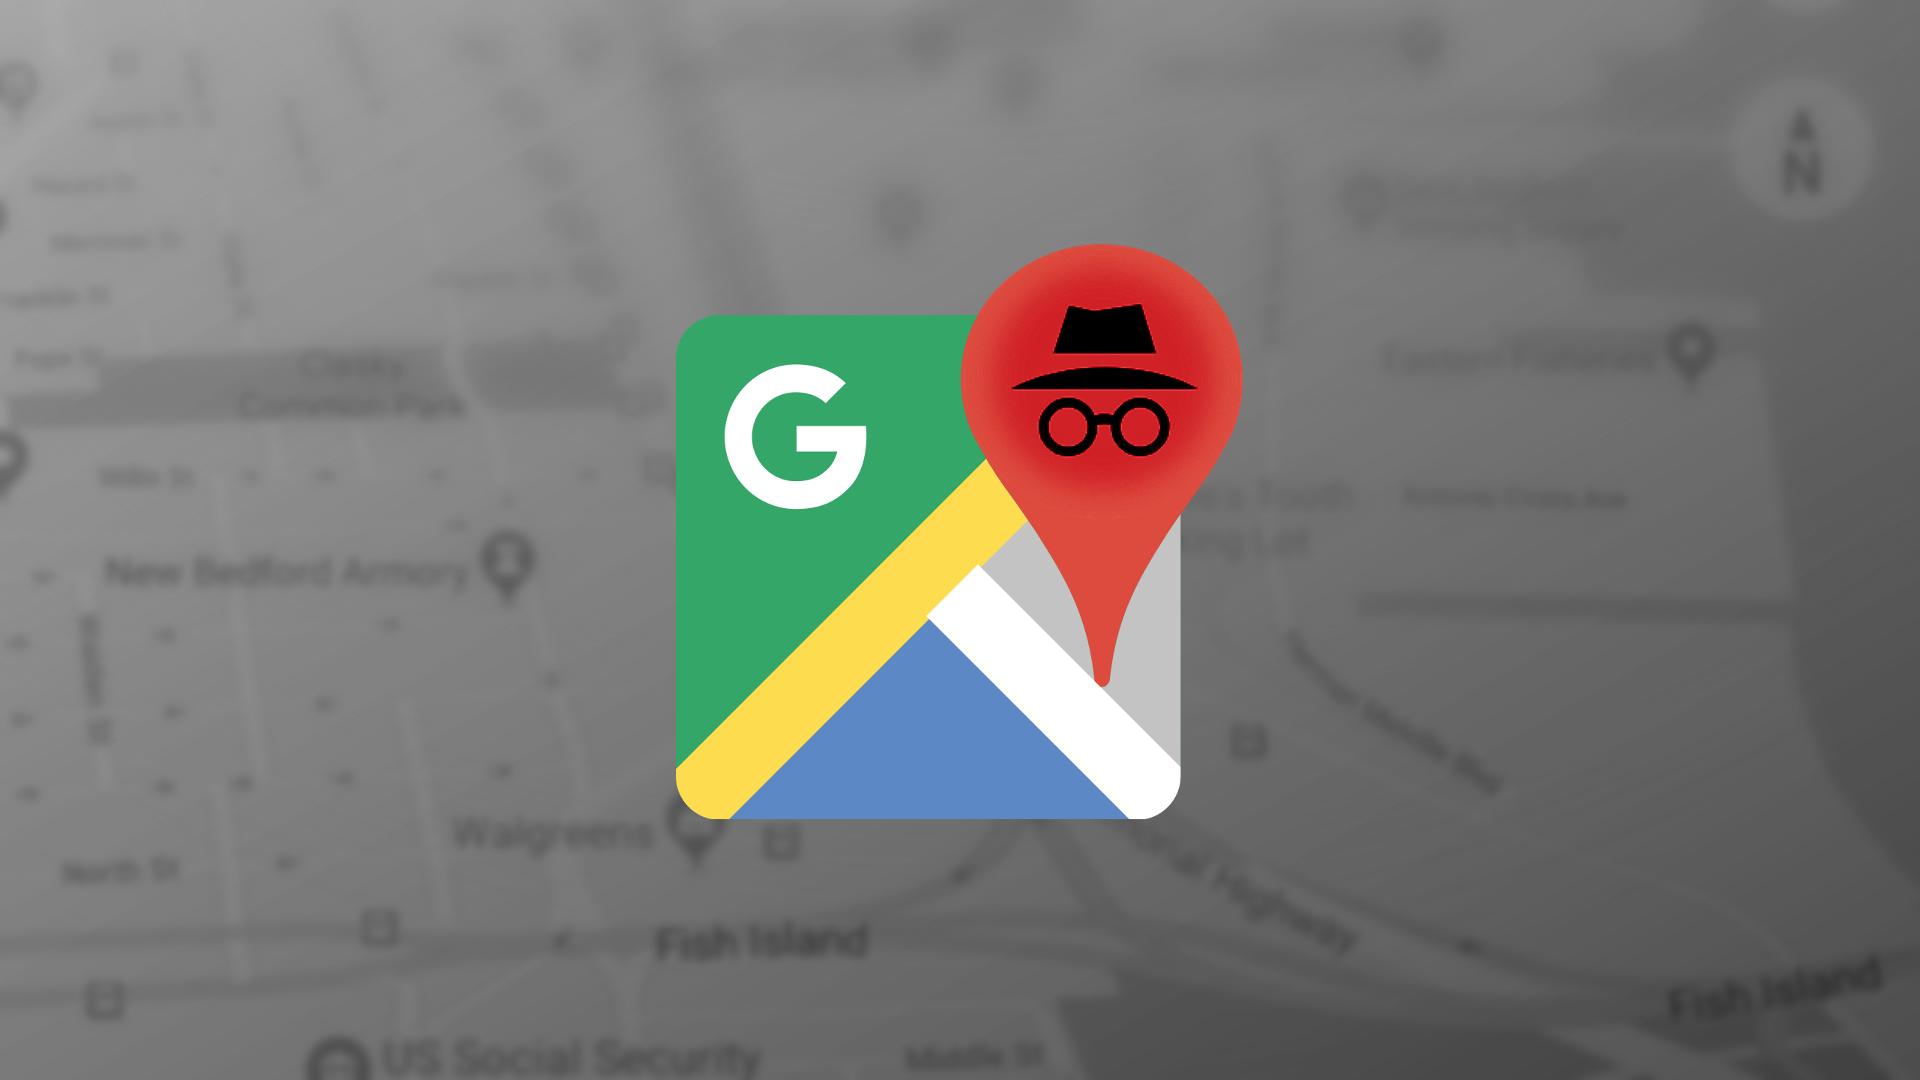 ميزة التصفّح الخفي في خرائط جوجل تبدأ بالظهور لمستخدمي أندرويد